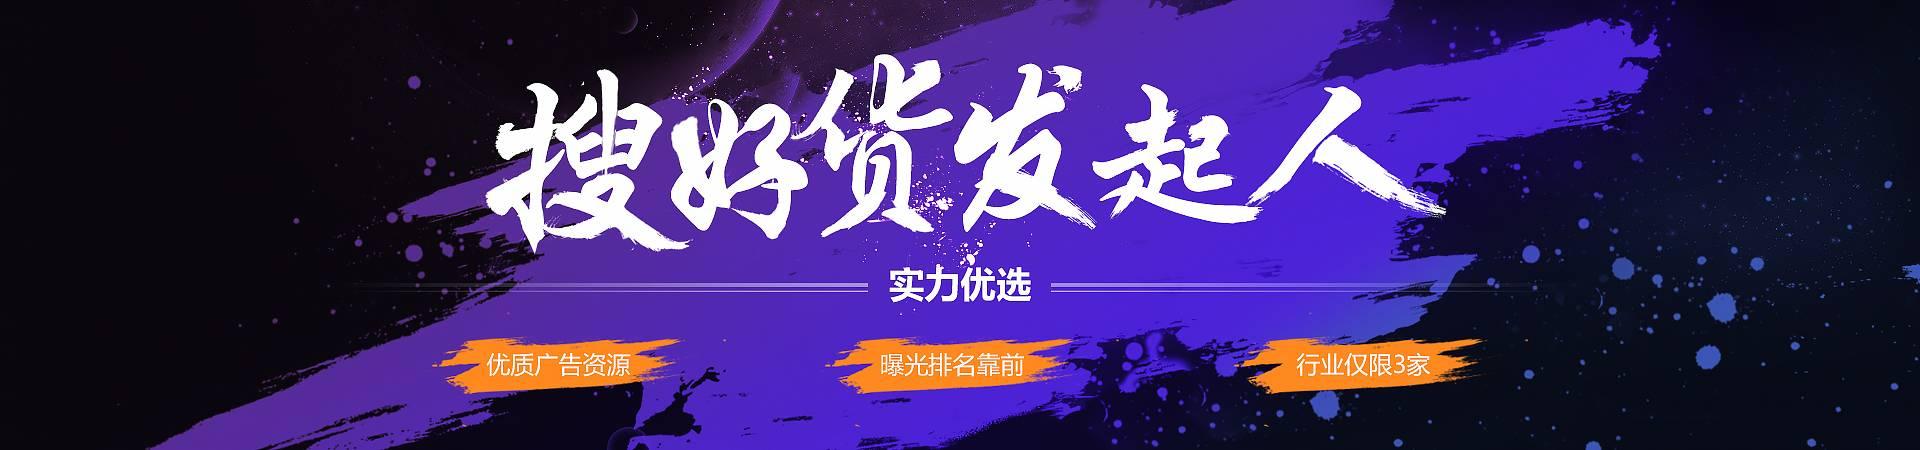 合工钢杭州赛泽合金工具钢4CrMnSi图片